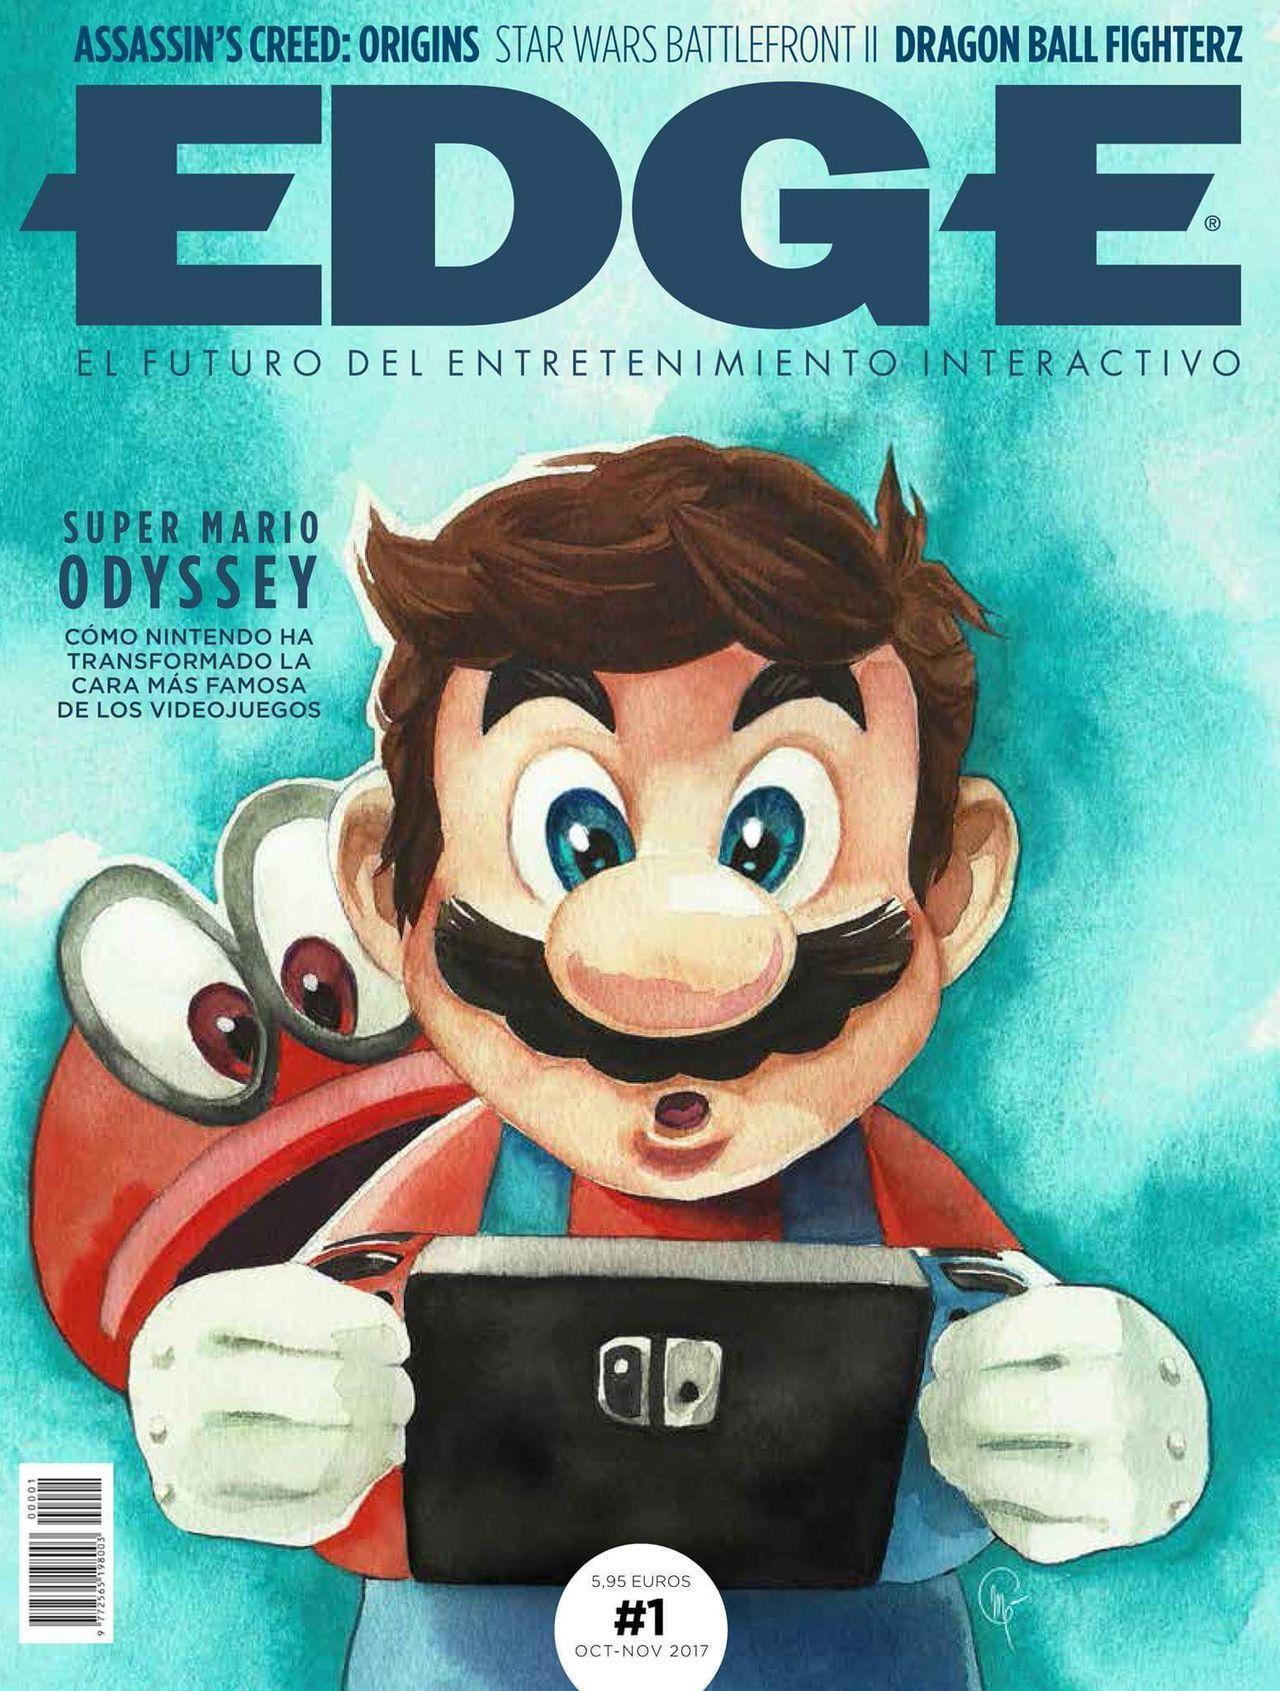 Gratis, más de 500 números de las revistas EDGE, ZERO, CGW y YOUR SINCLAIR